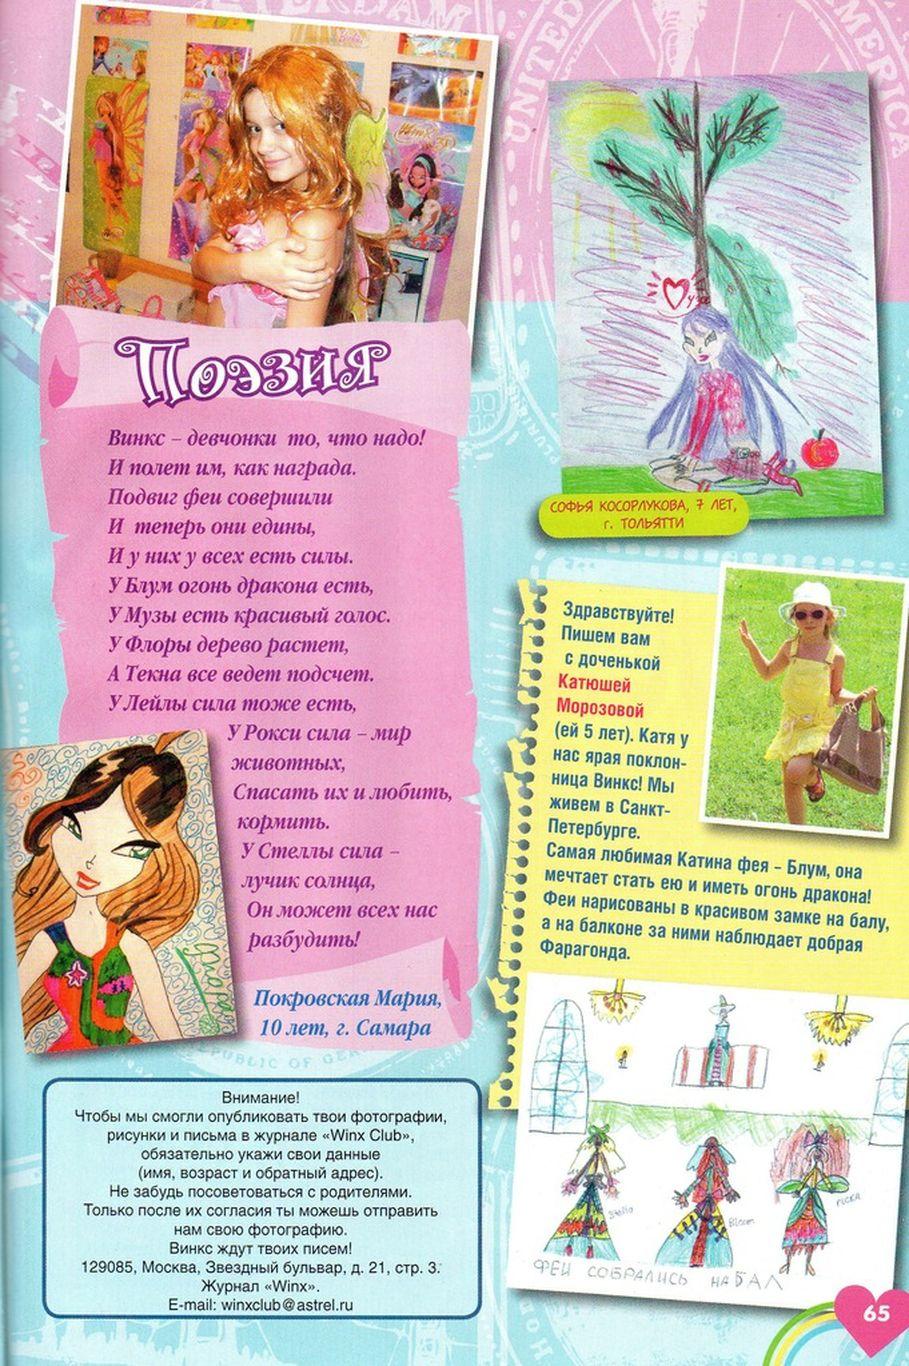 Комикс Винкс Winx - Каменные великаны (Журнал Винкс №11 2011) - стр. 61